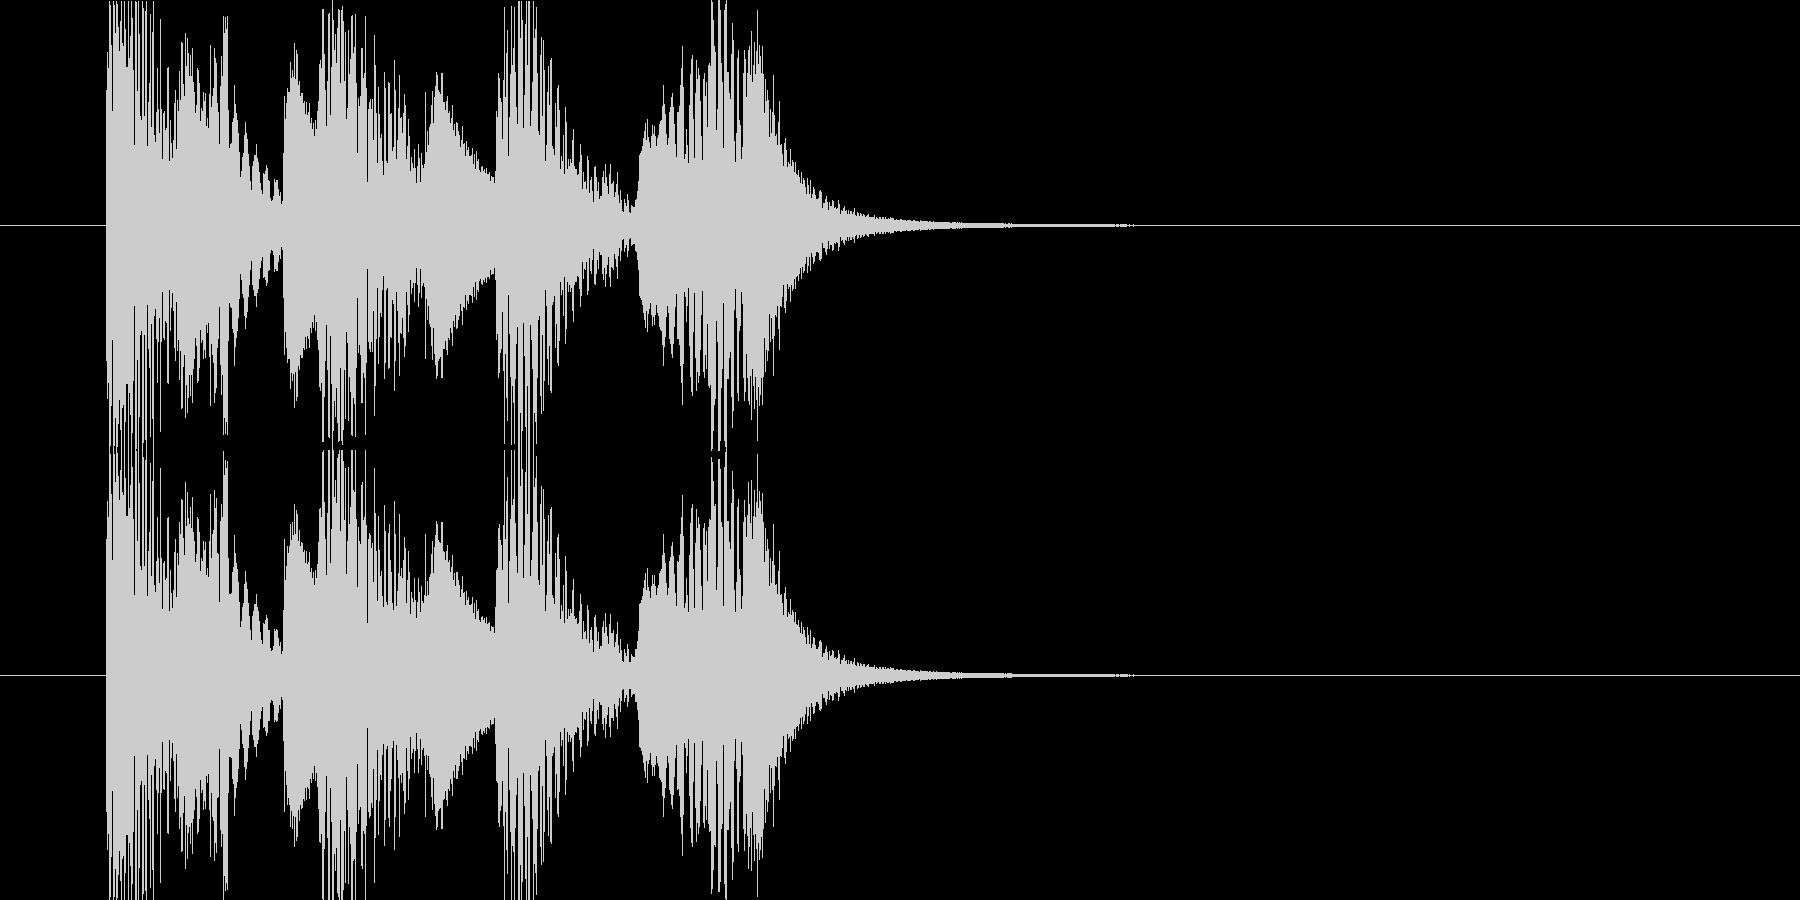 マリンバと8bitシンセのジングルの未再生の波形